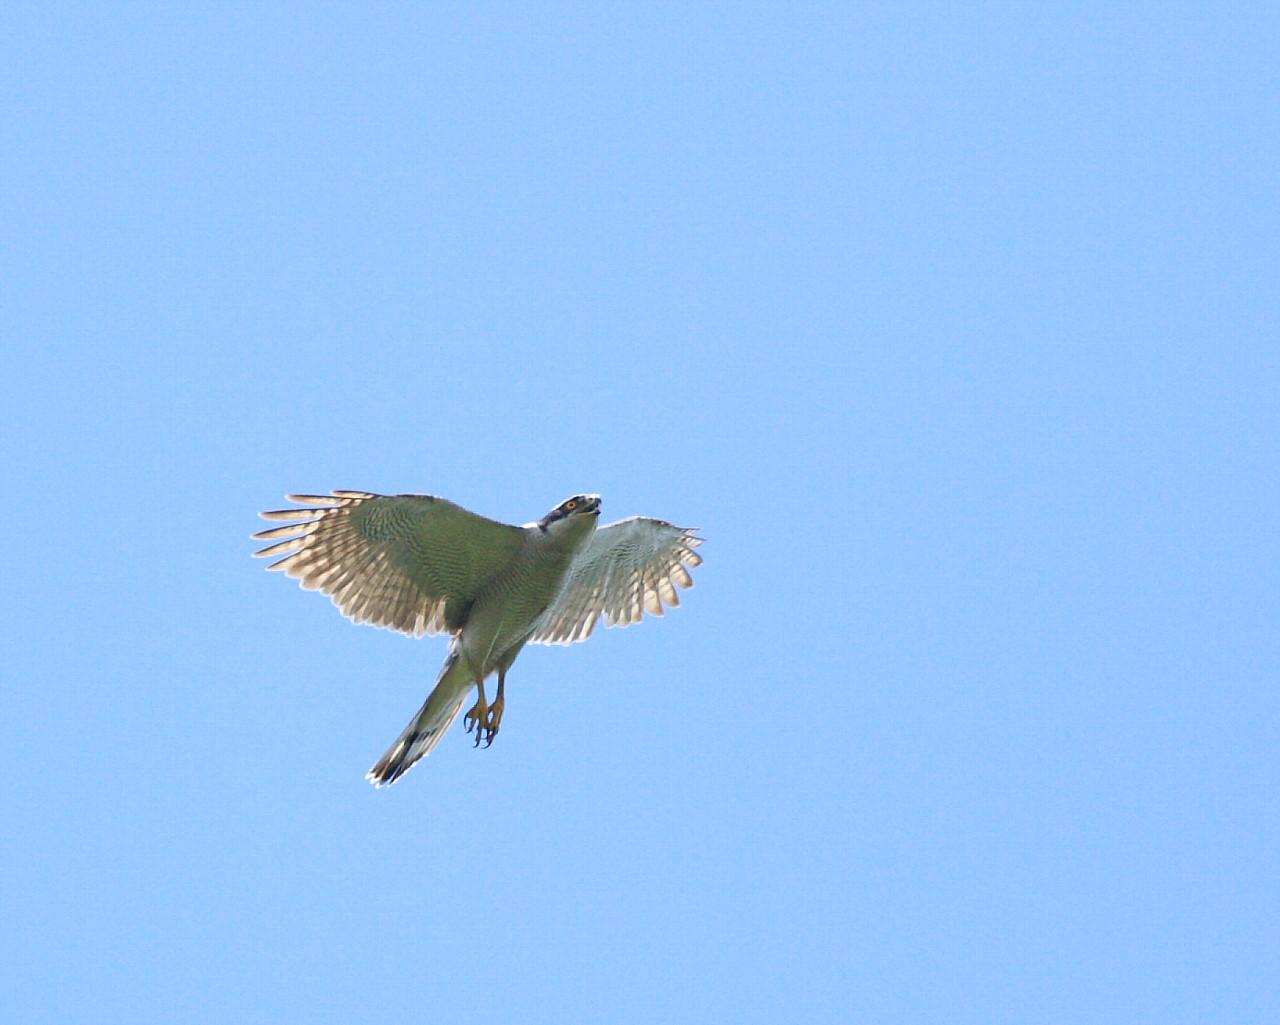 梅雨明け(?)の青空背景にオオタカお父さんの雄飛_f0105570_15354365.jpg